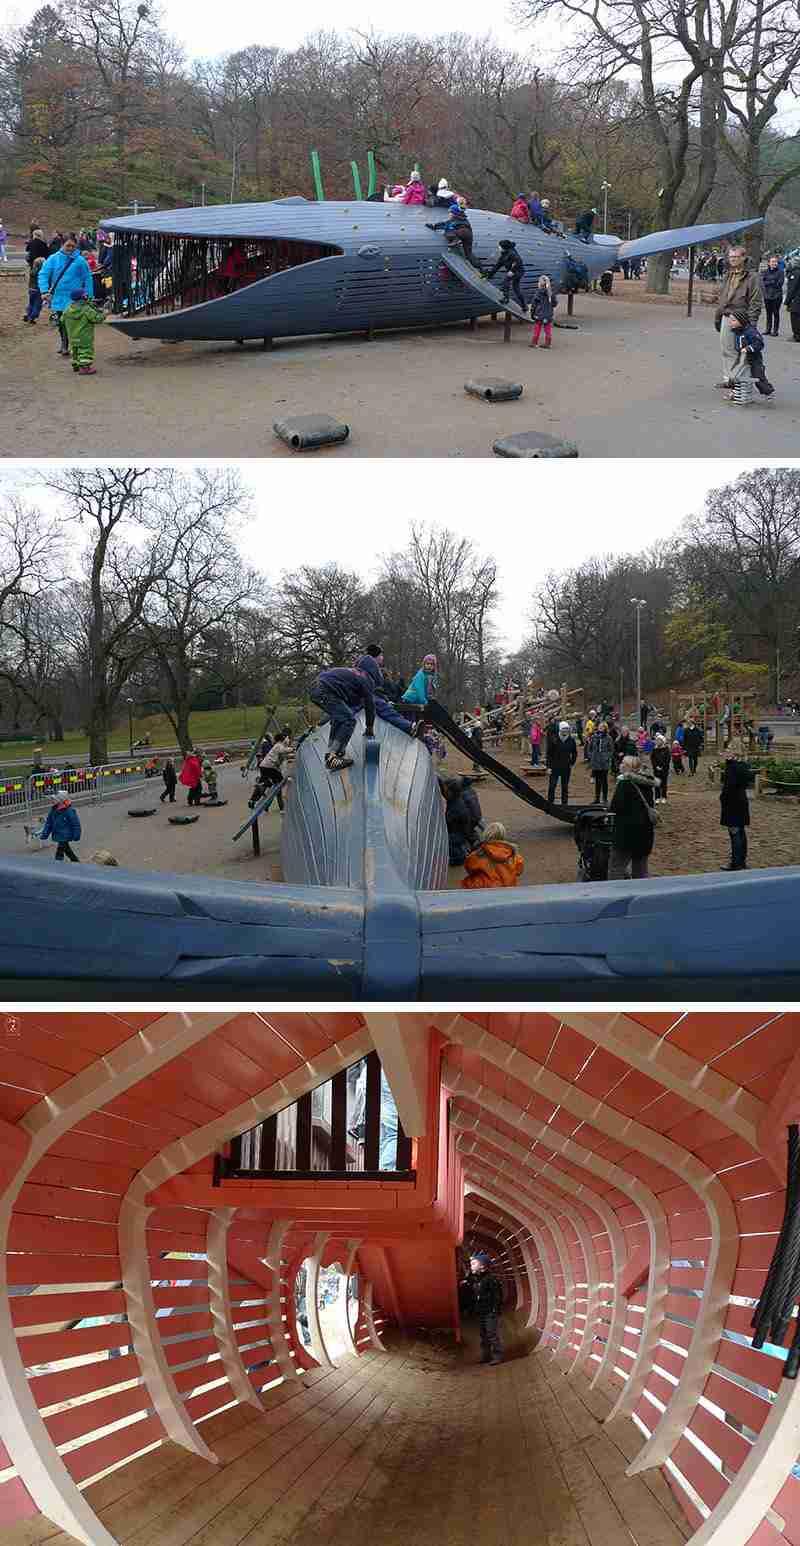 ballena grande parque juegos original